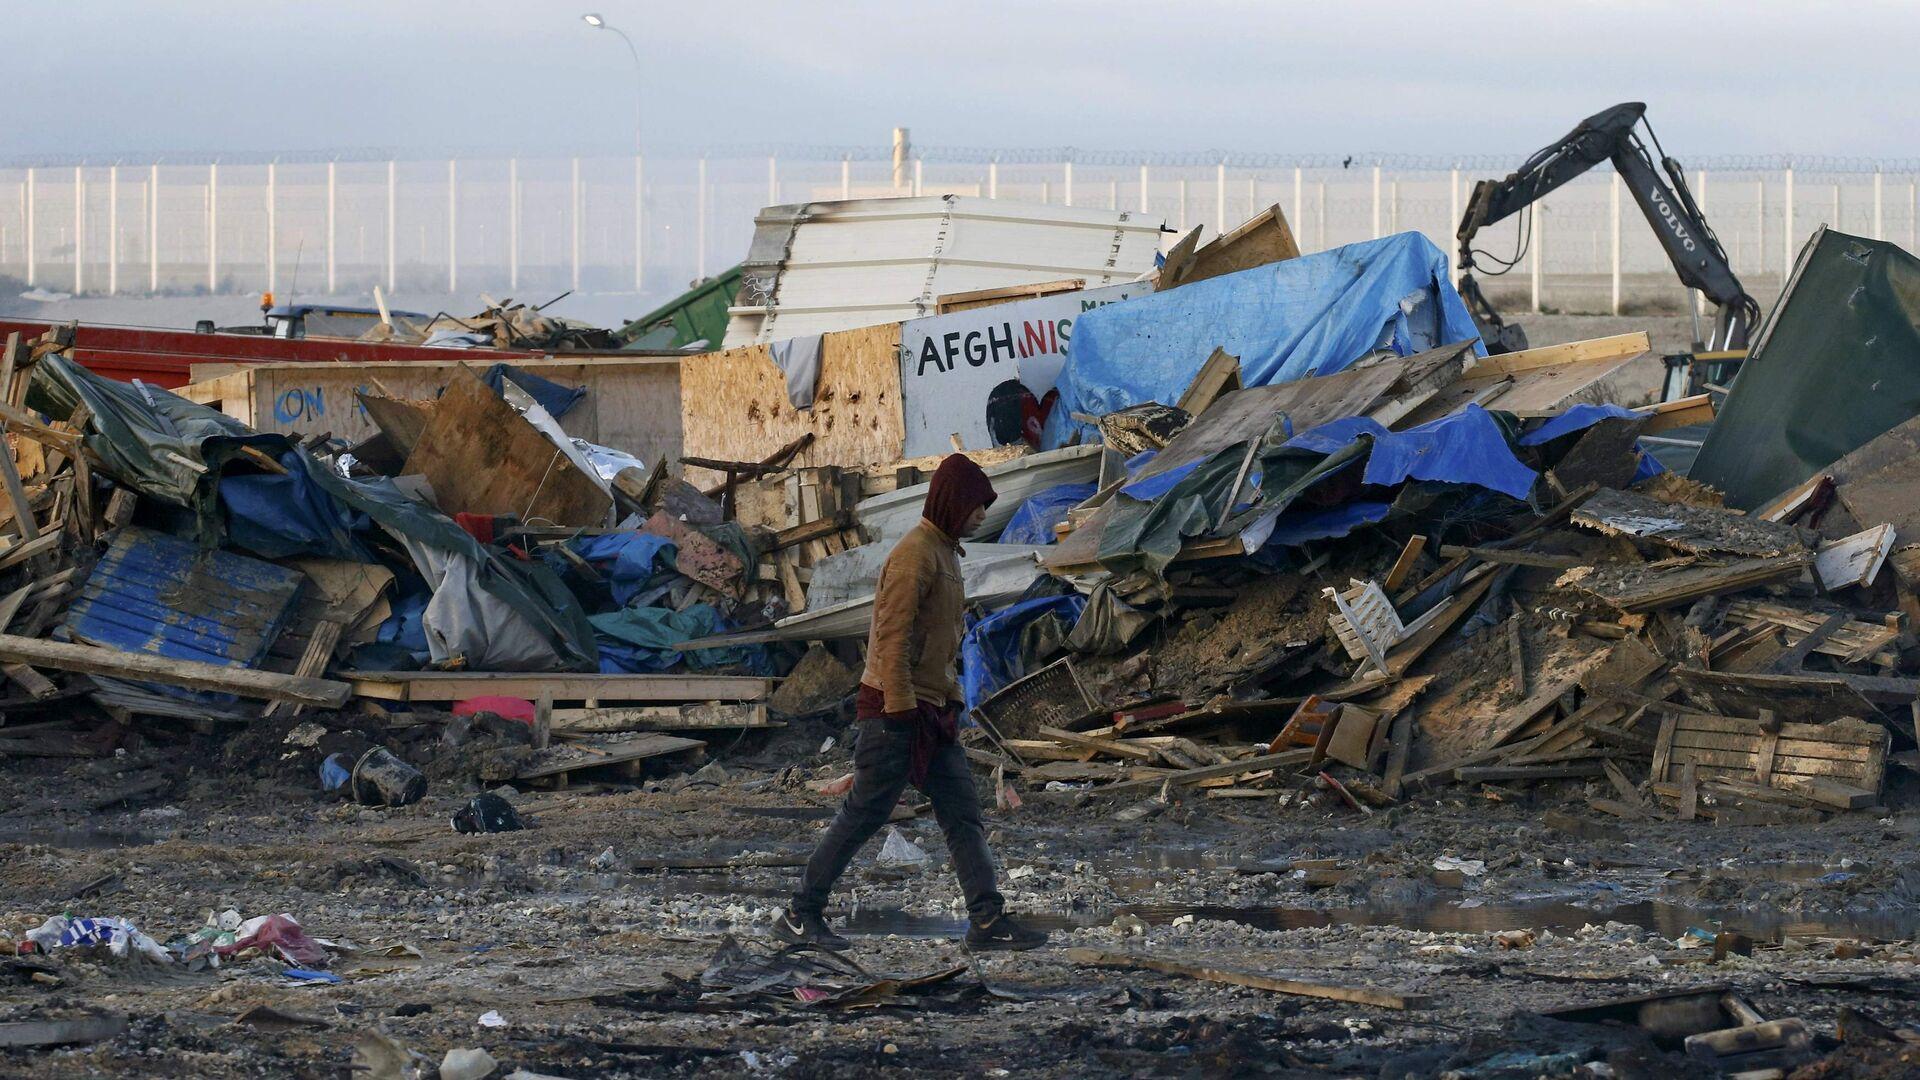 La demolición del campamento de refugiados en Calais, Francia - Sputnik Mundo, 1920, 19.02.2021